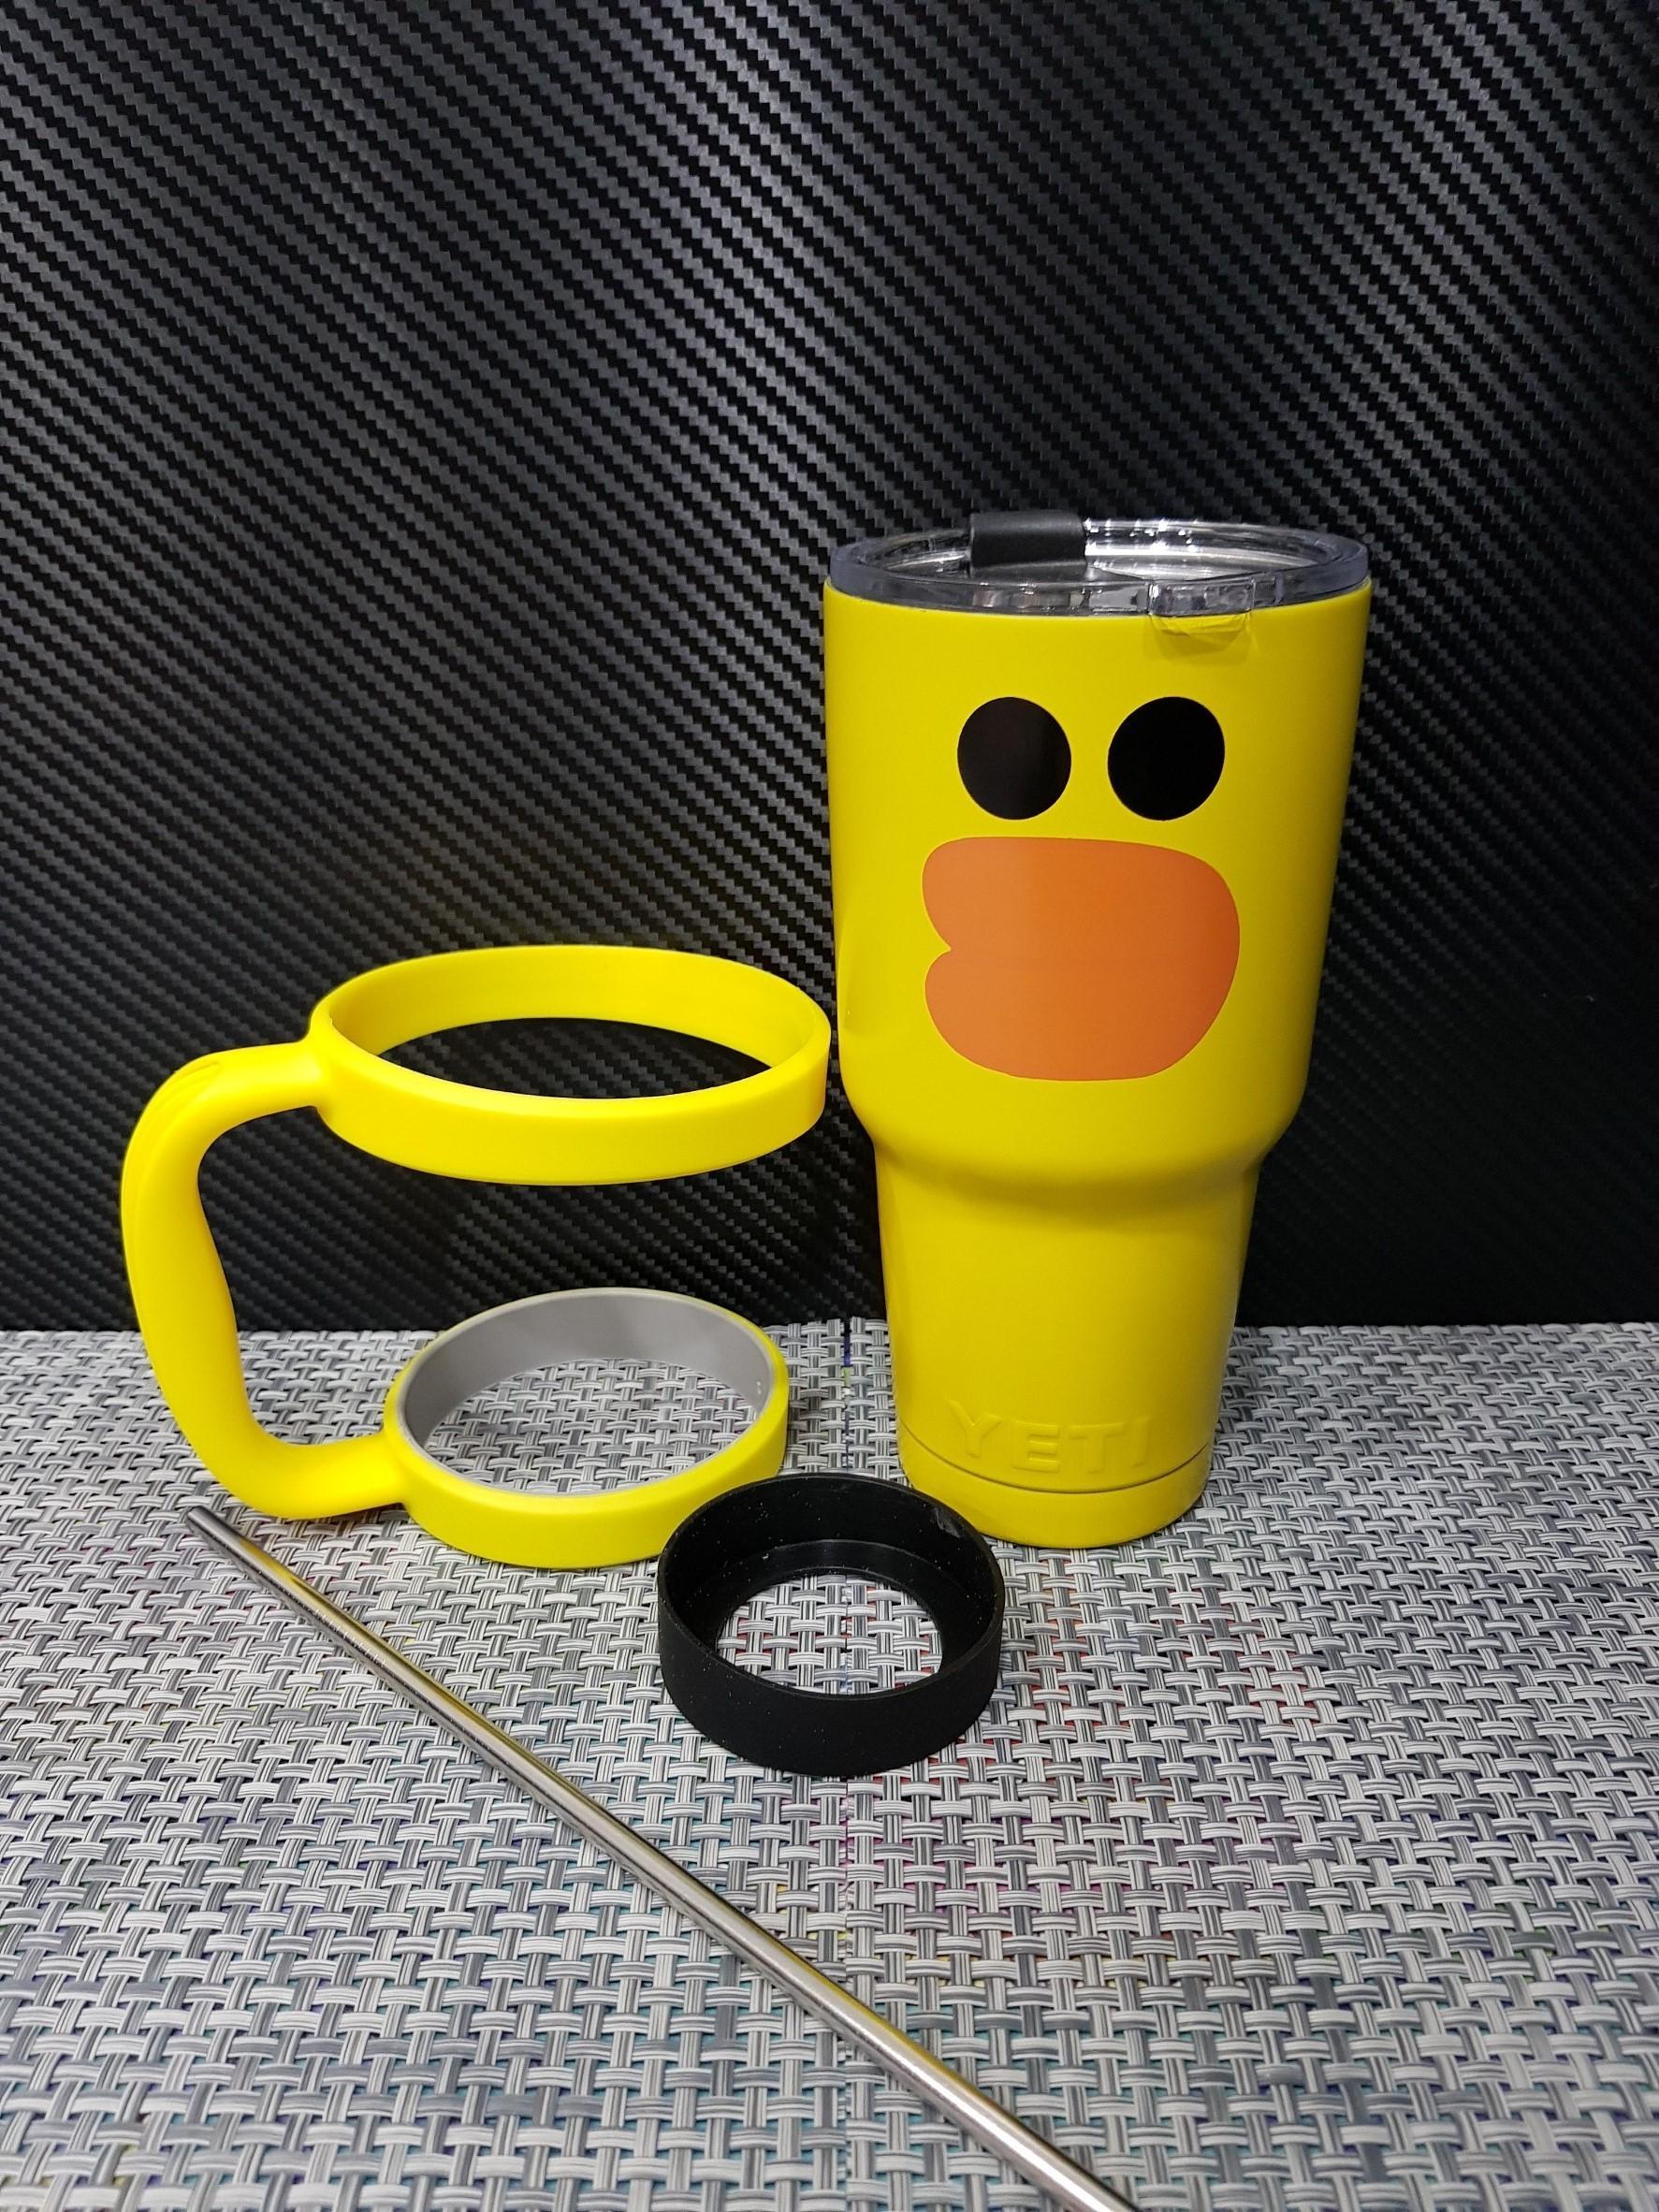 ชุดแก้วเยติ 30 ออนซ์ พื้นสีเหลือง ลายการ์ตูน เป็ดเหลือง